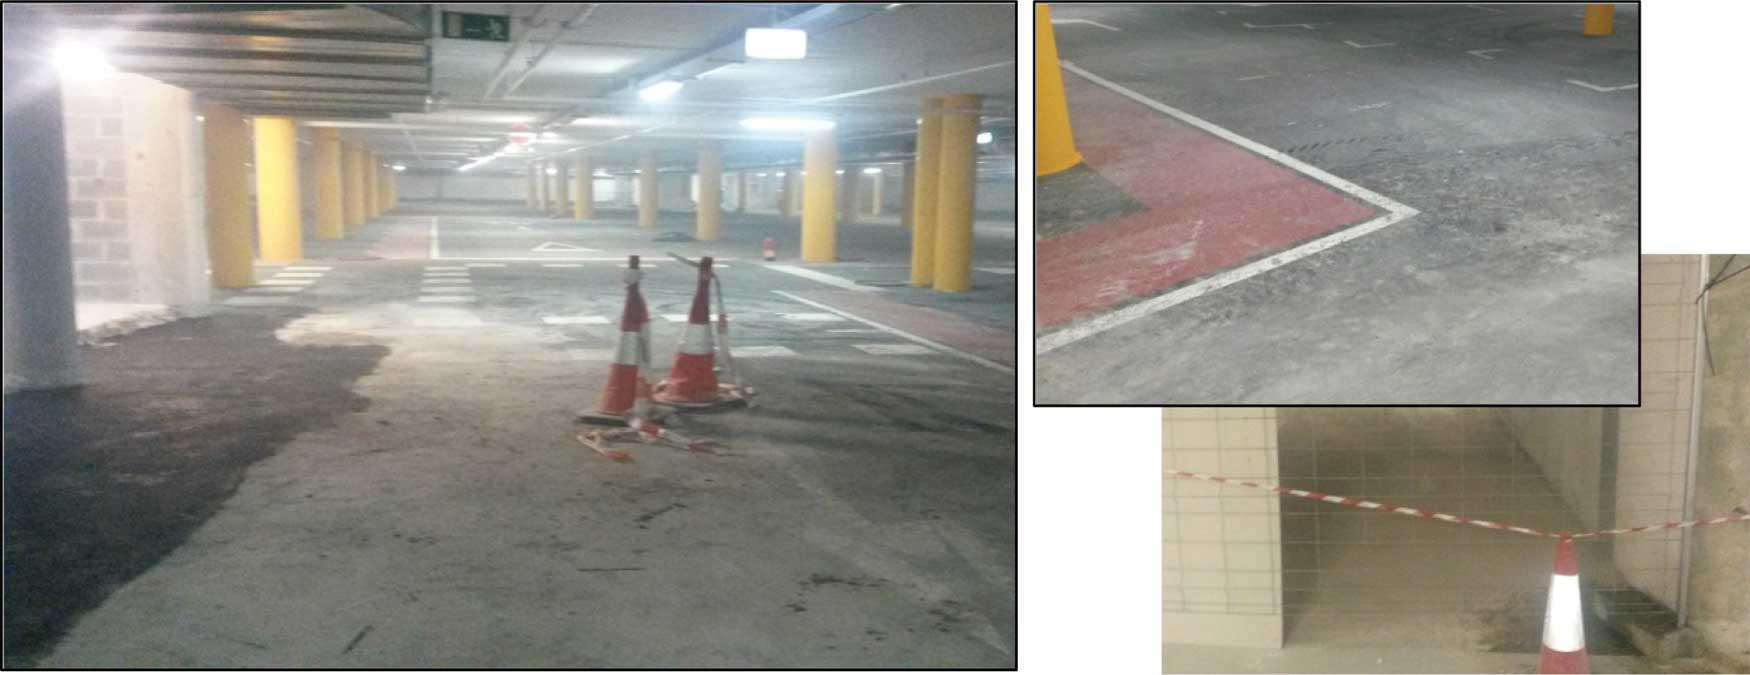 Pavimento autonivelante poliuretano Estado Previo 01